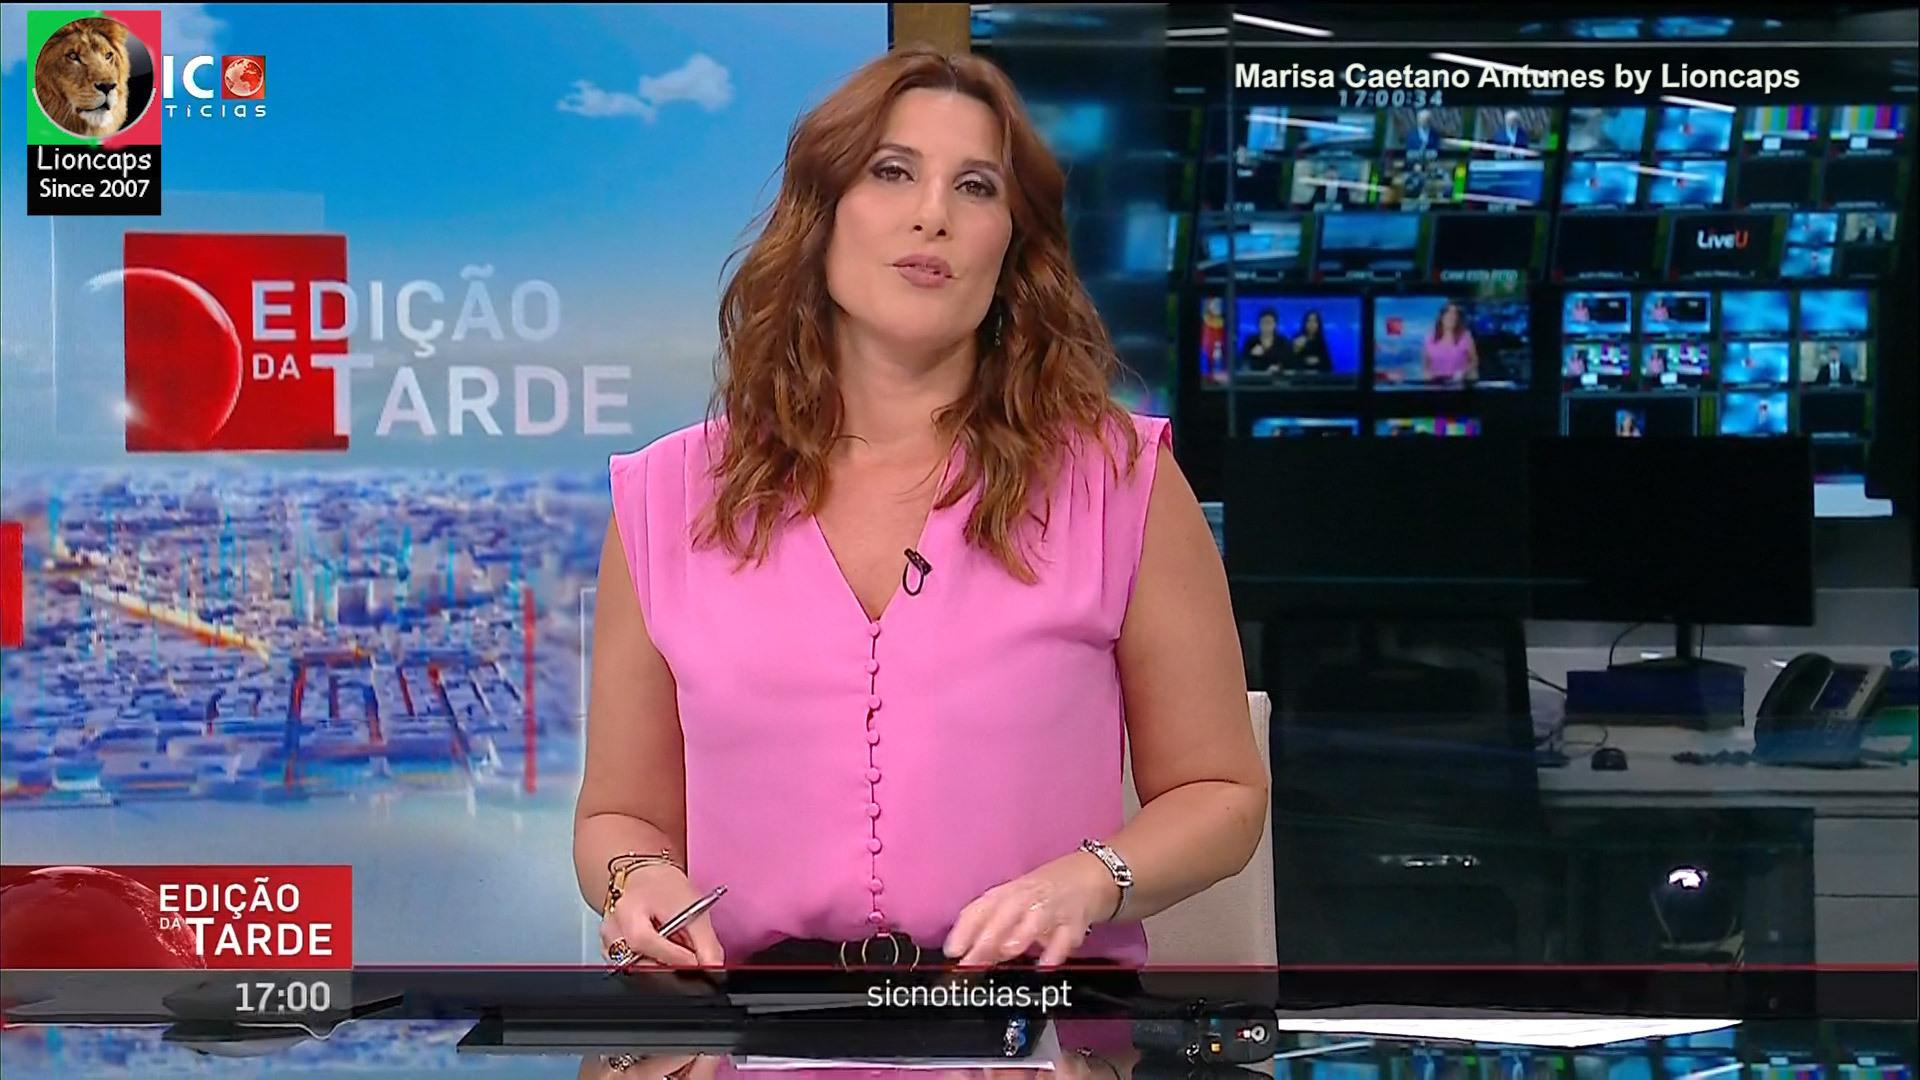 marisa_caetano_antunes_lioncaps_24_07_2021 (6).jpg